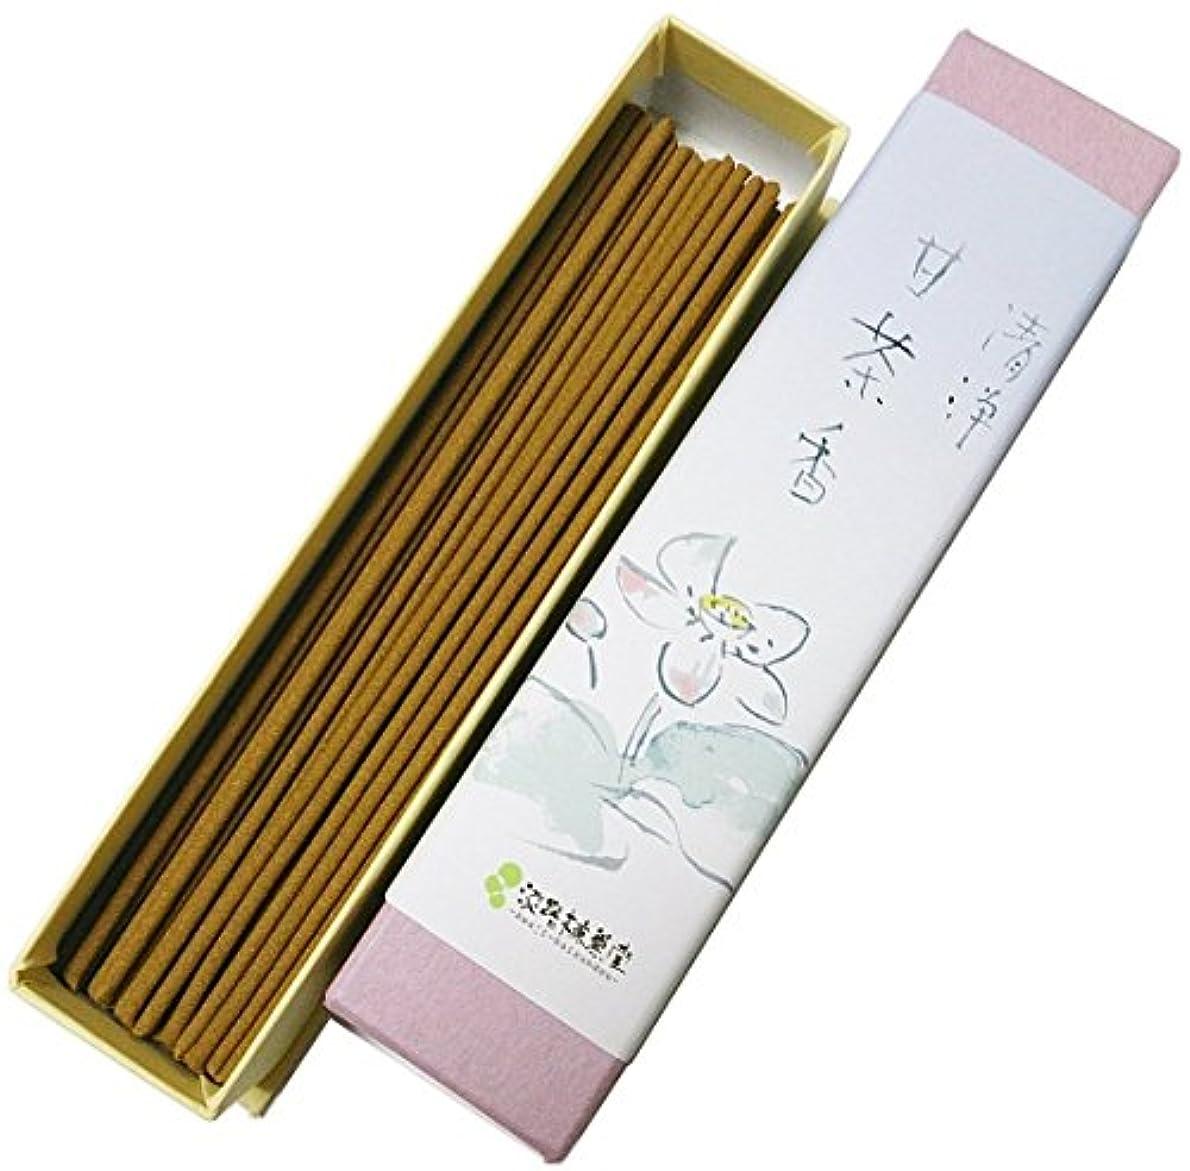 尊敬慈悲マラウイ淡路梅薫堂の浄化お香 清浄甘茶香 18g #31 ×200 japanese incense sticks